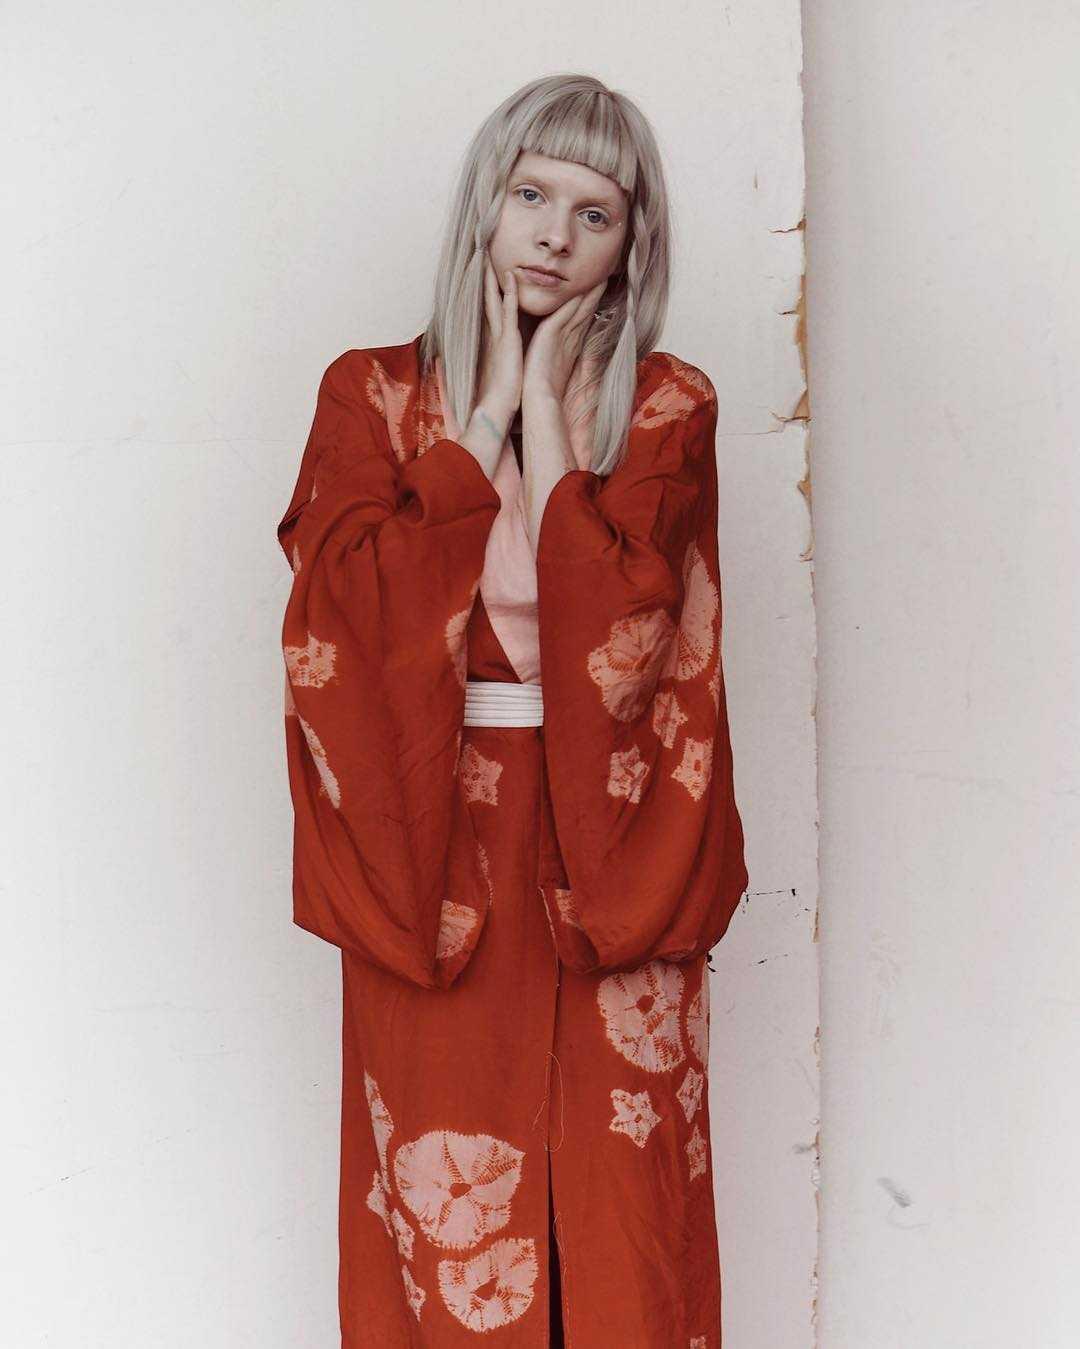 Aurora Aksnes hot pictures (2)